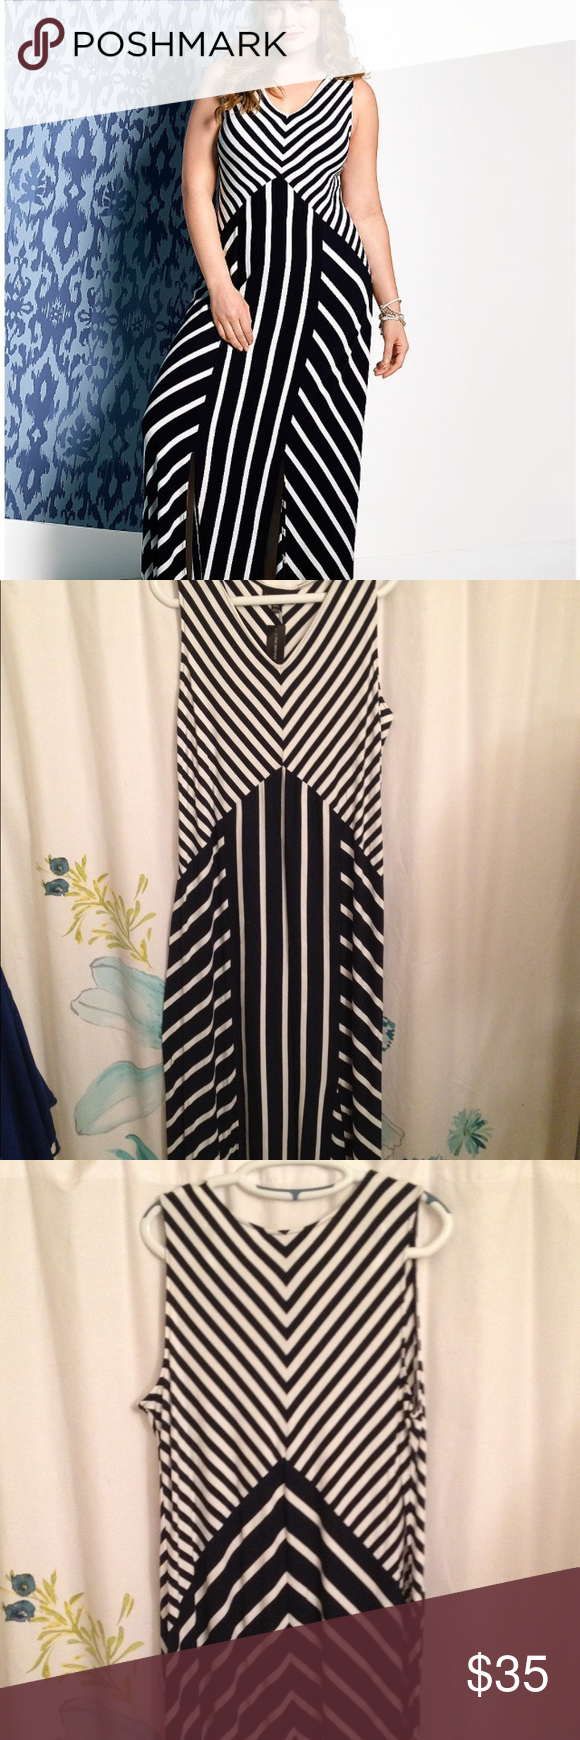 Spliced striped maxi dress